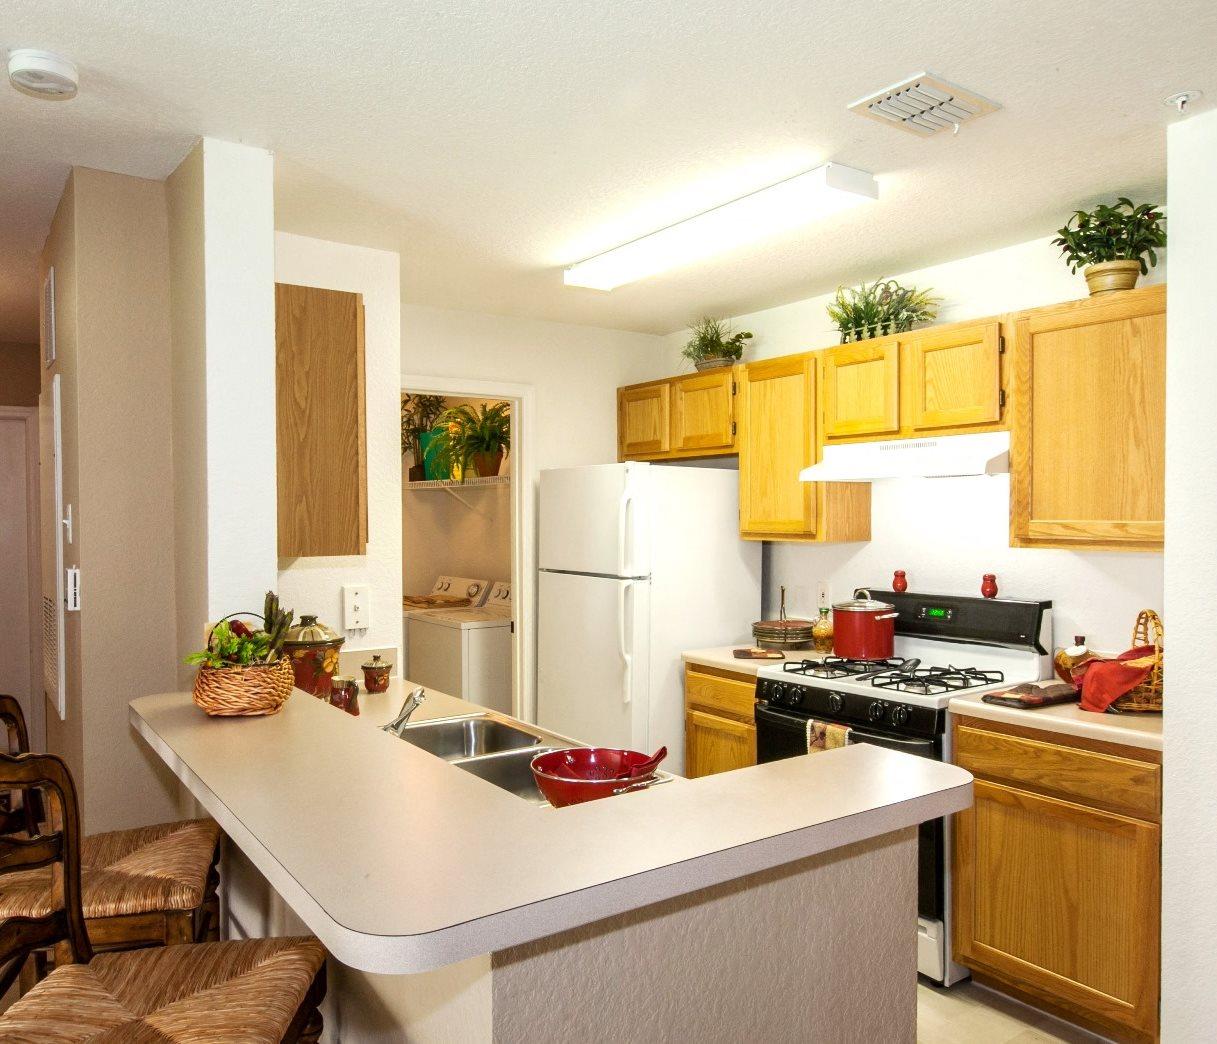 Apartments in Lawrenceville, GA | Ashton Creek Apartments